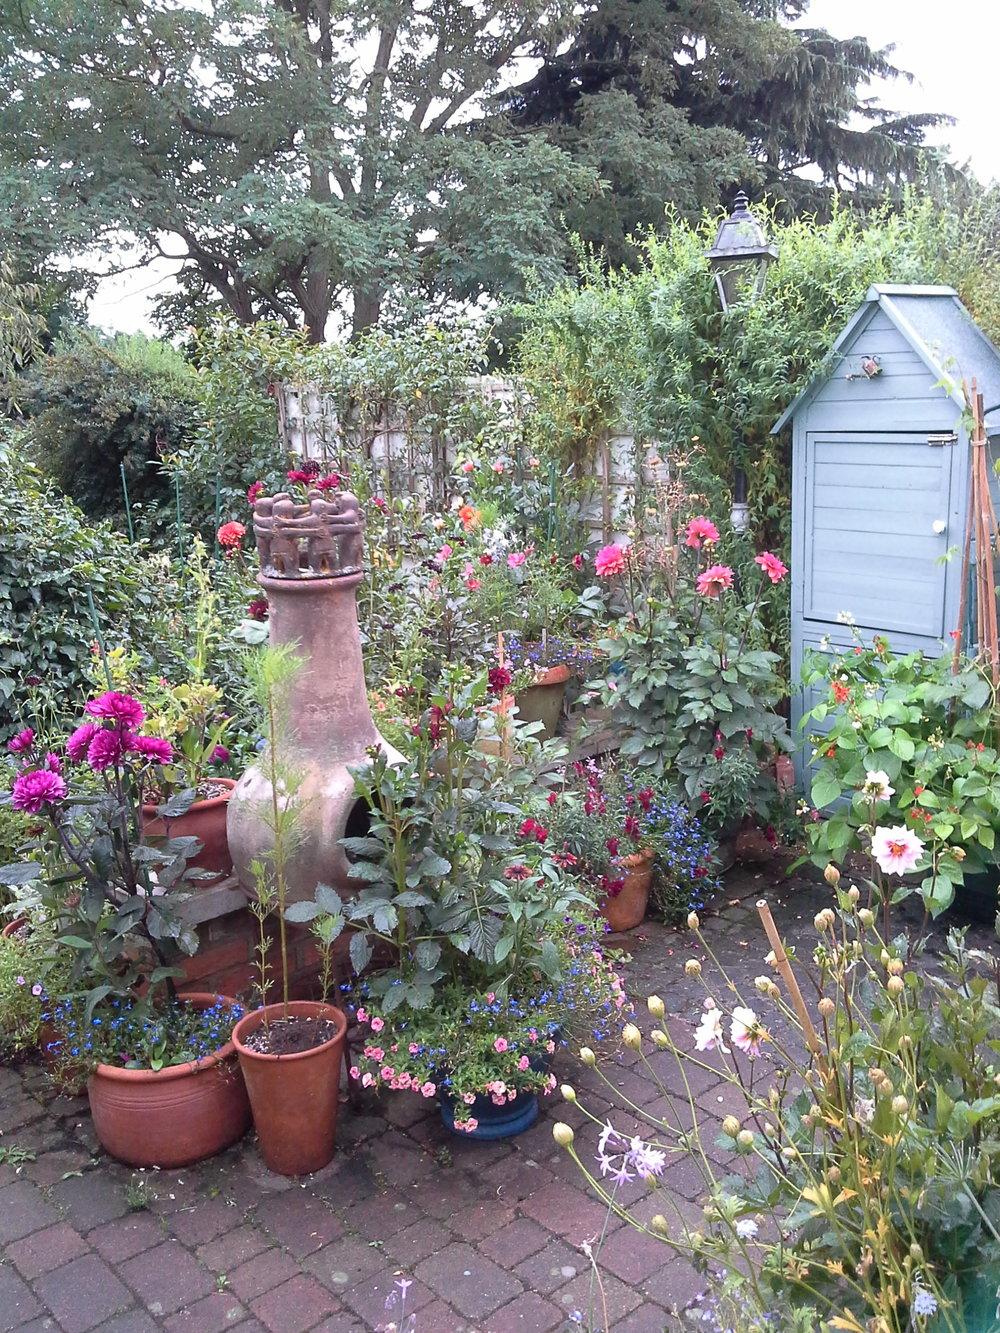 Lynne's garden in full bloom